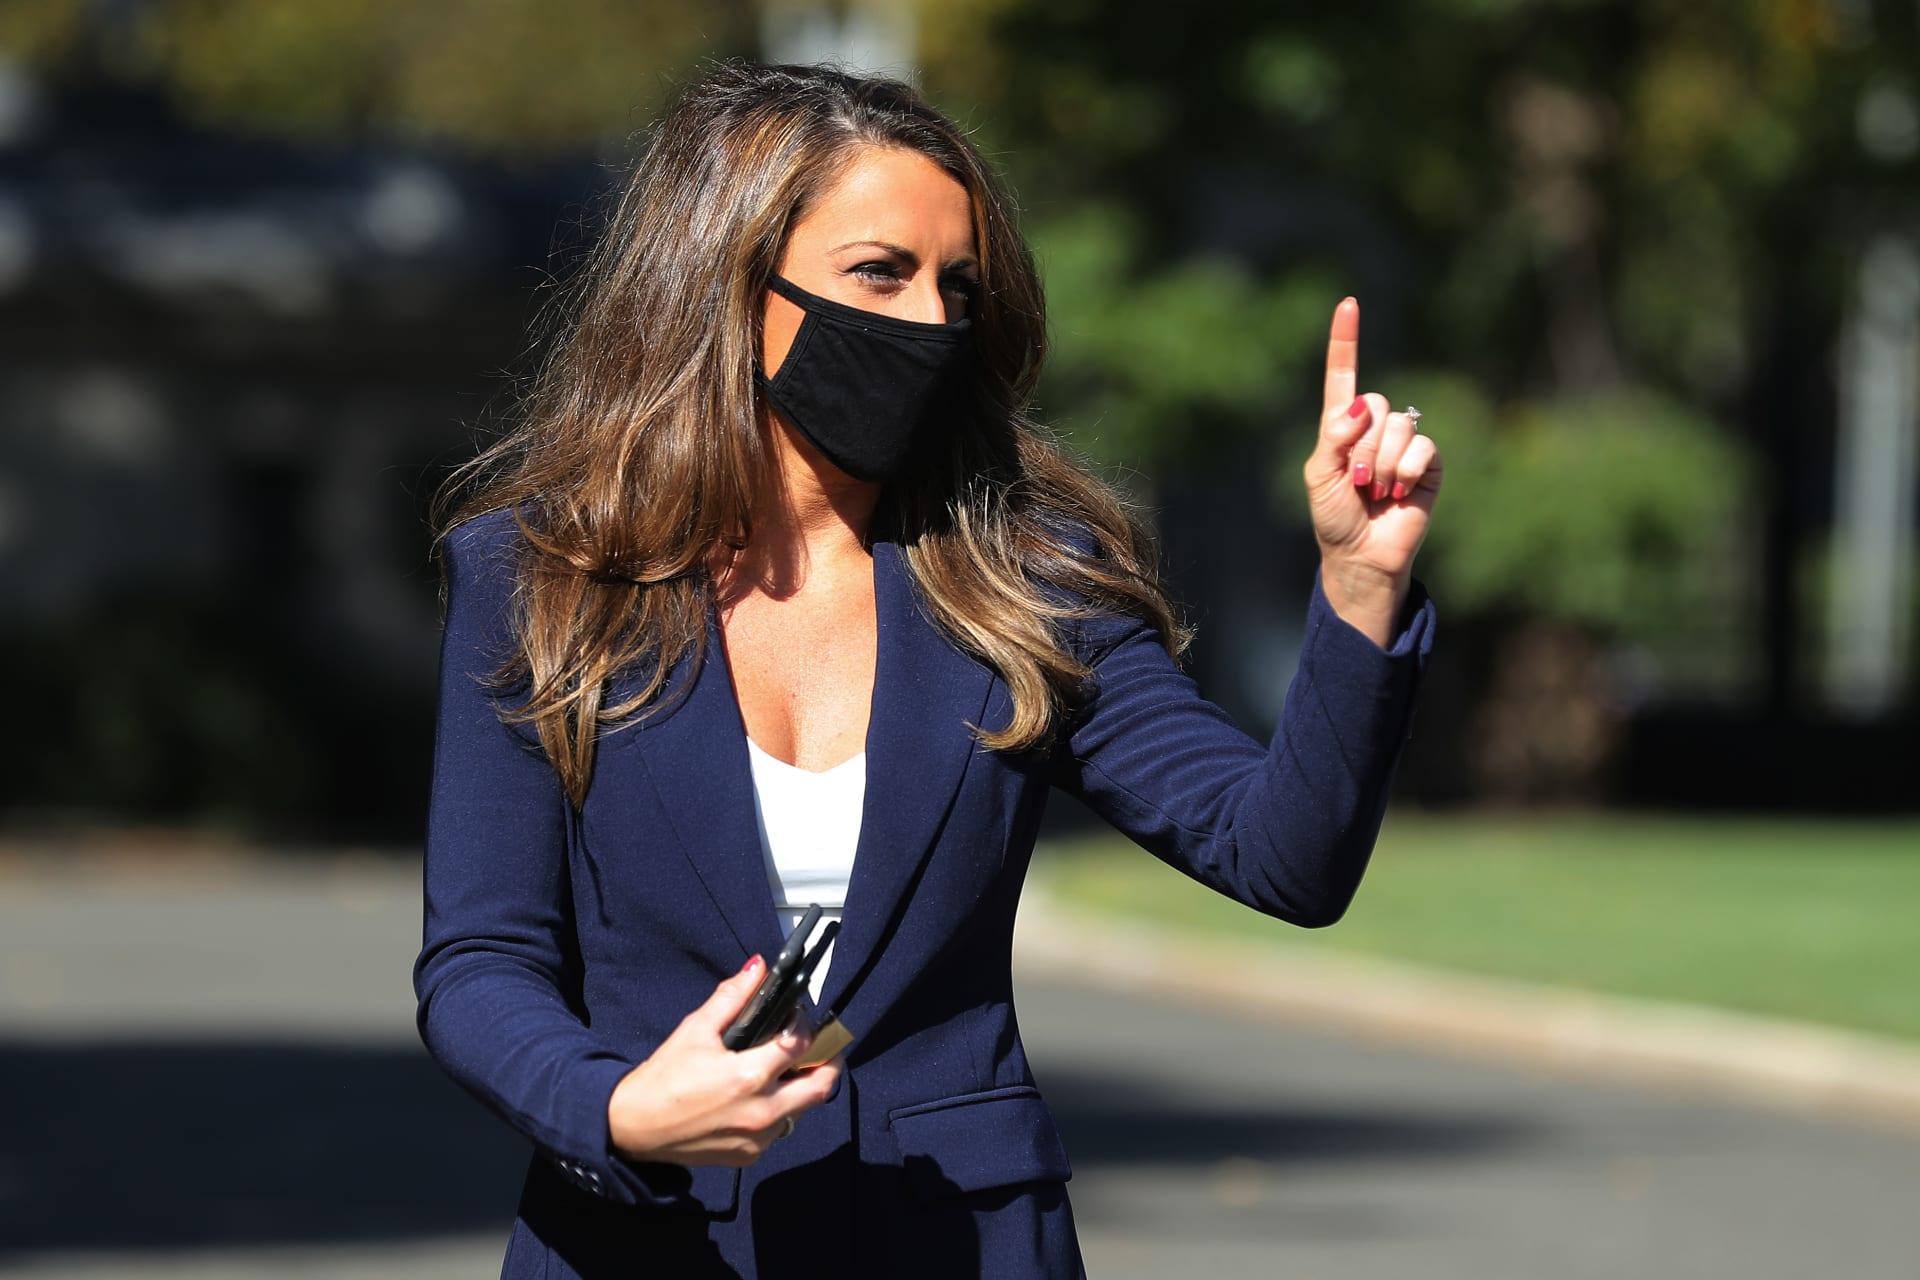 مديرة اتصالات البيت الأبيض أليسا فرح تعلن استقالتها من منصبها